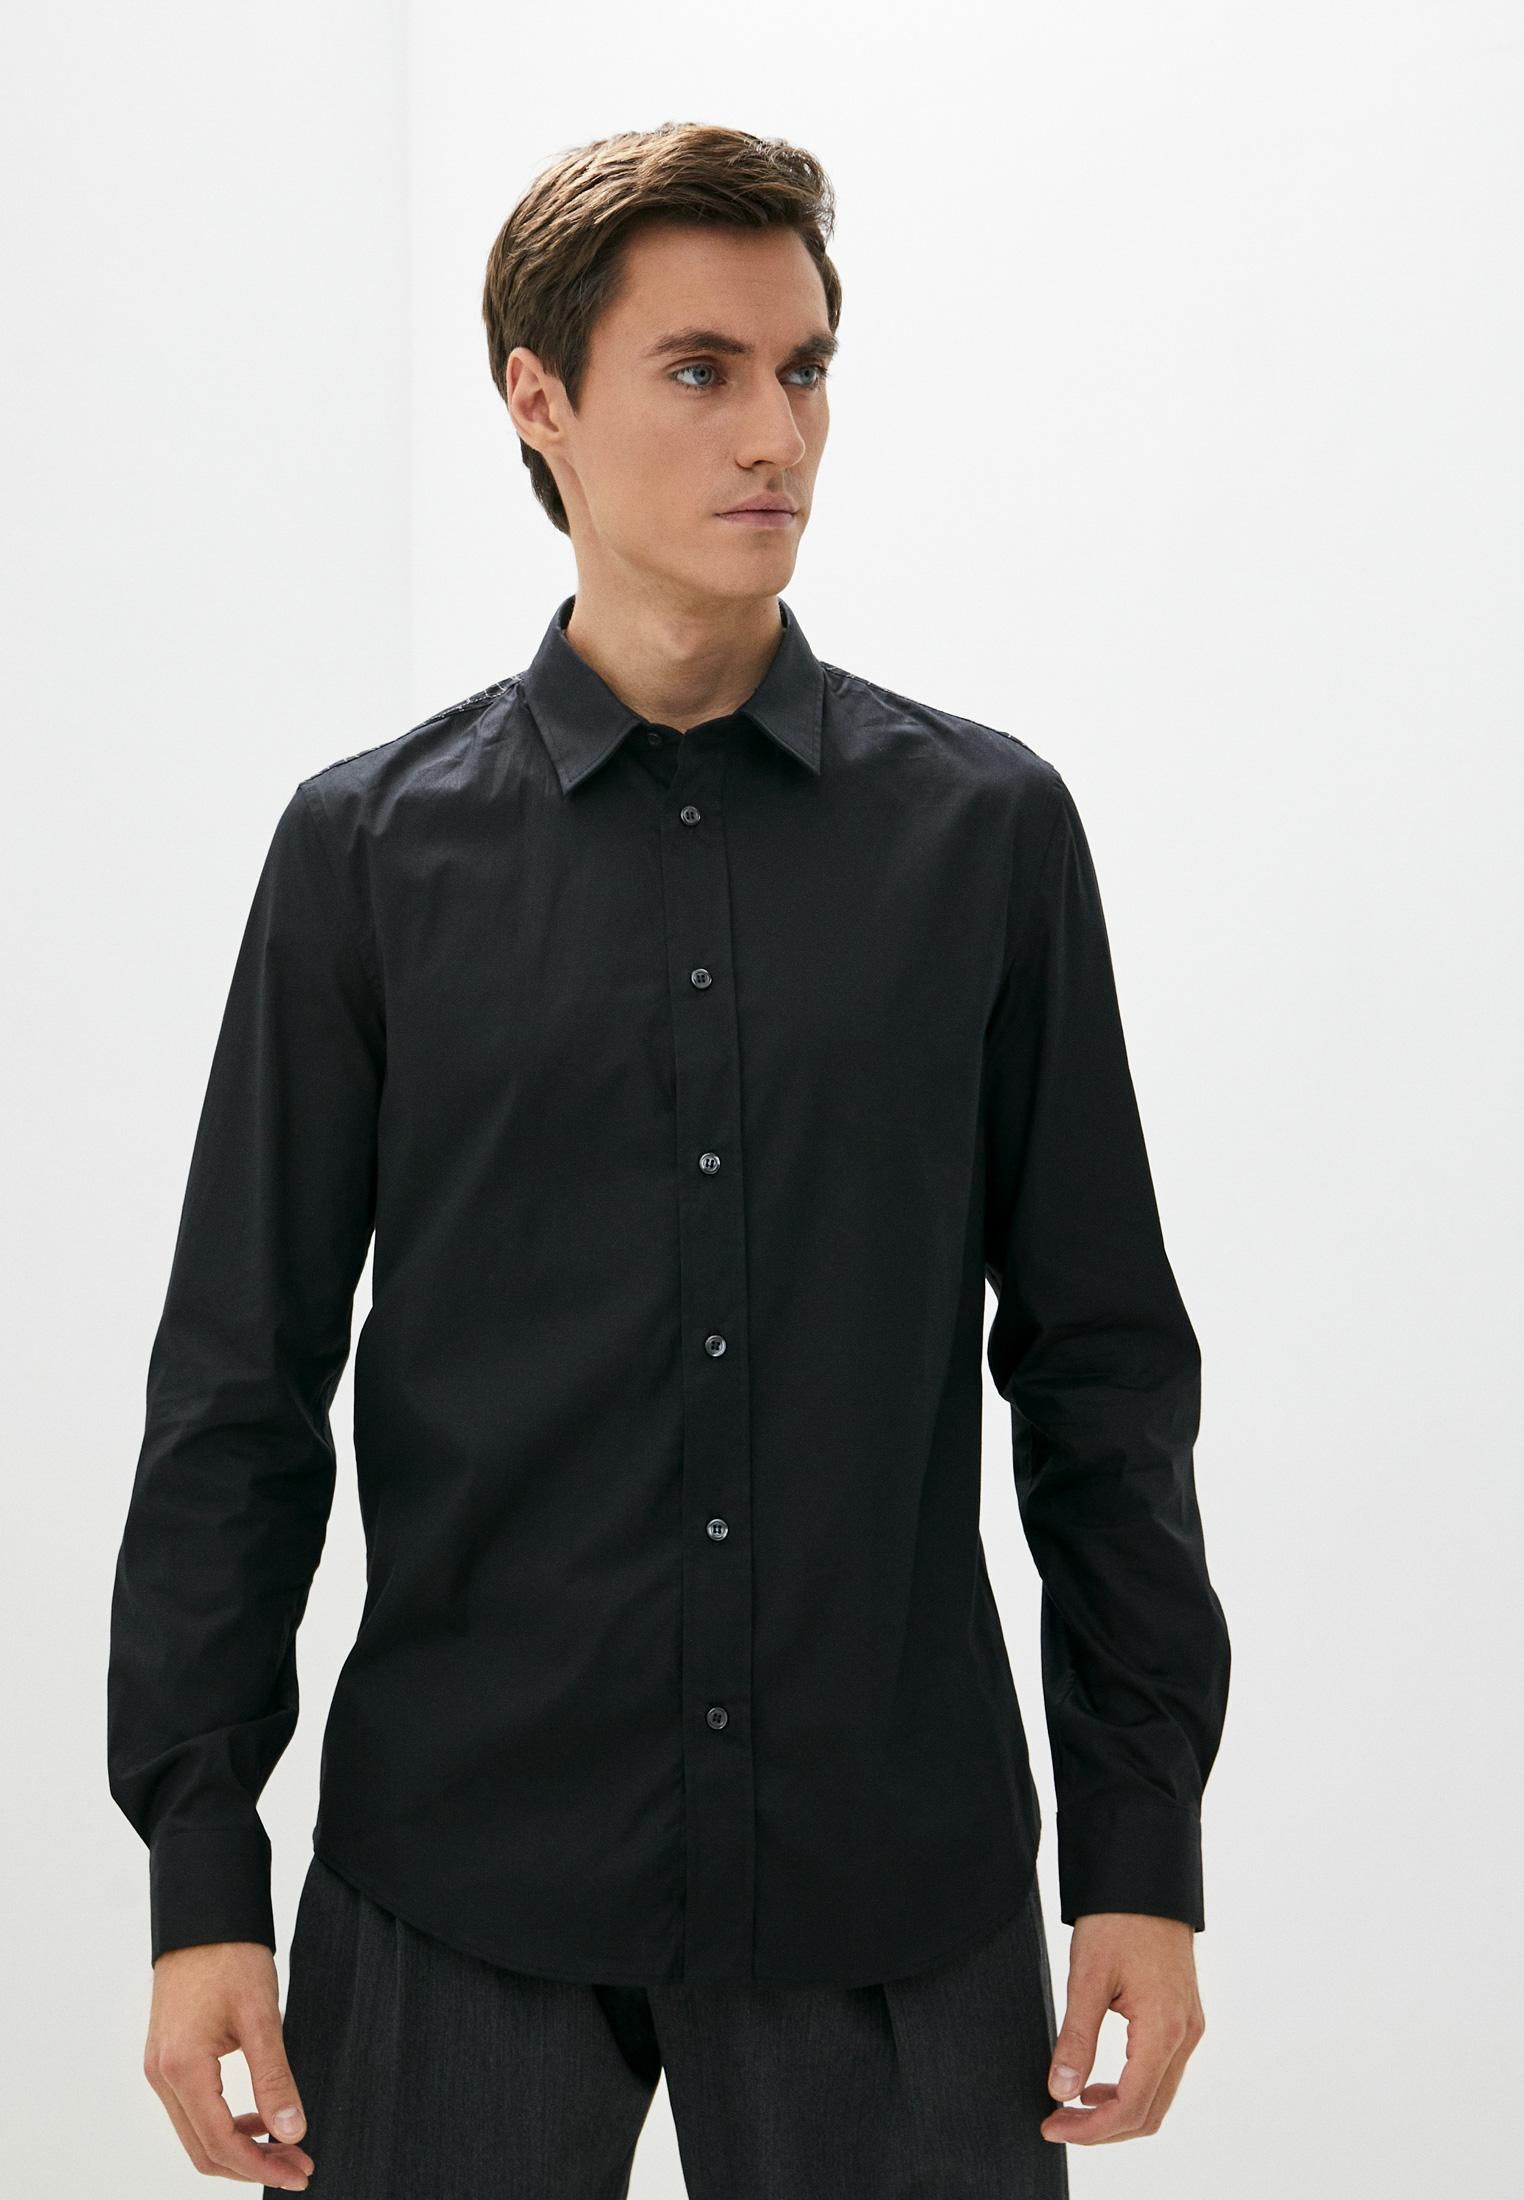 Рубашка с длинным рукавом Bikkembergs (Биккембергс) C C 009 7V S 2931: изображение 1